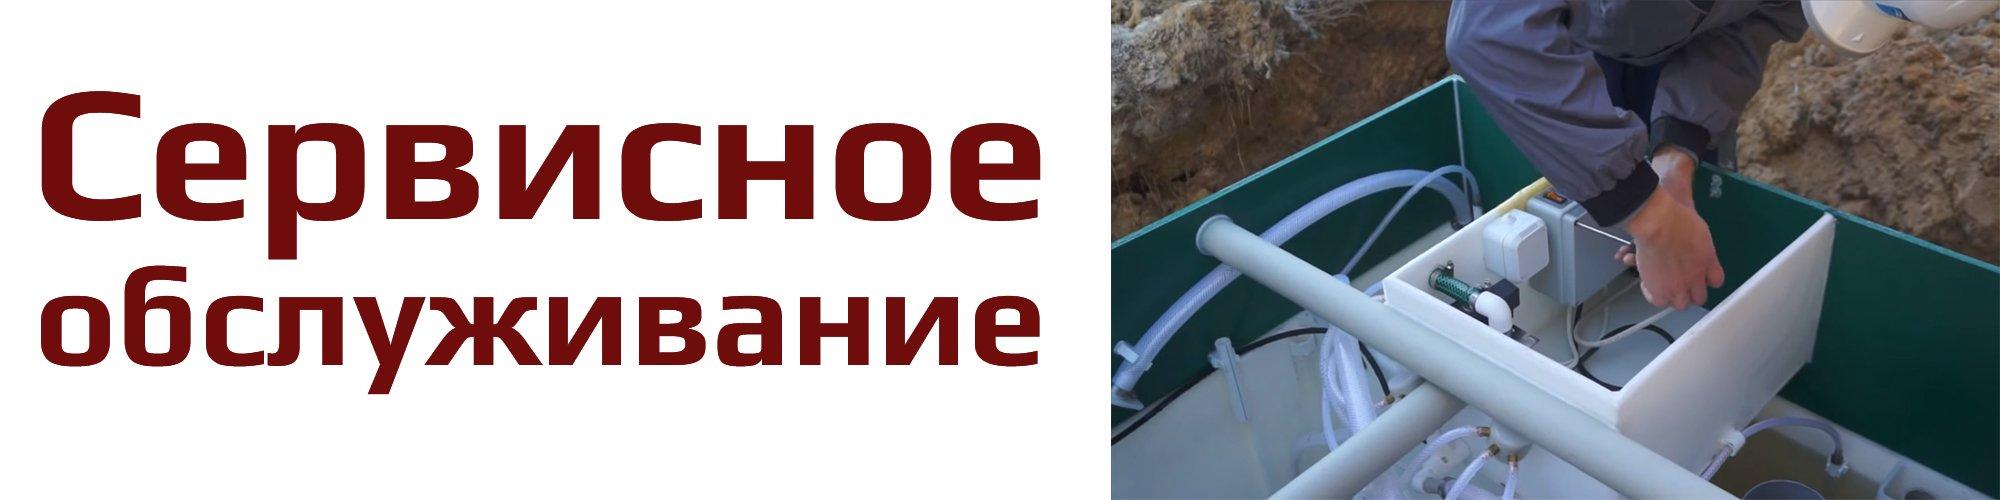 Сервисное обслуживание септиков в Калининграде